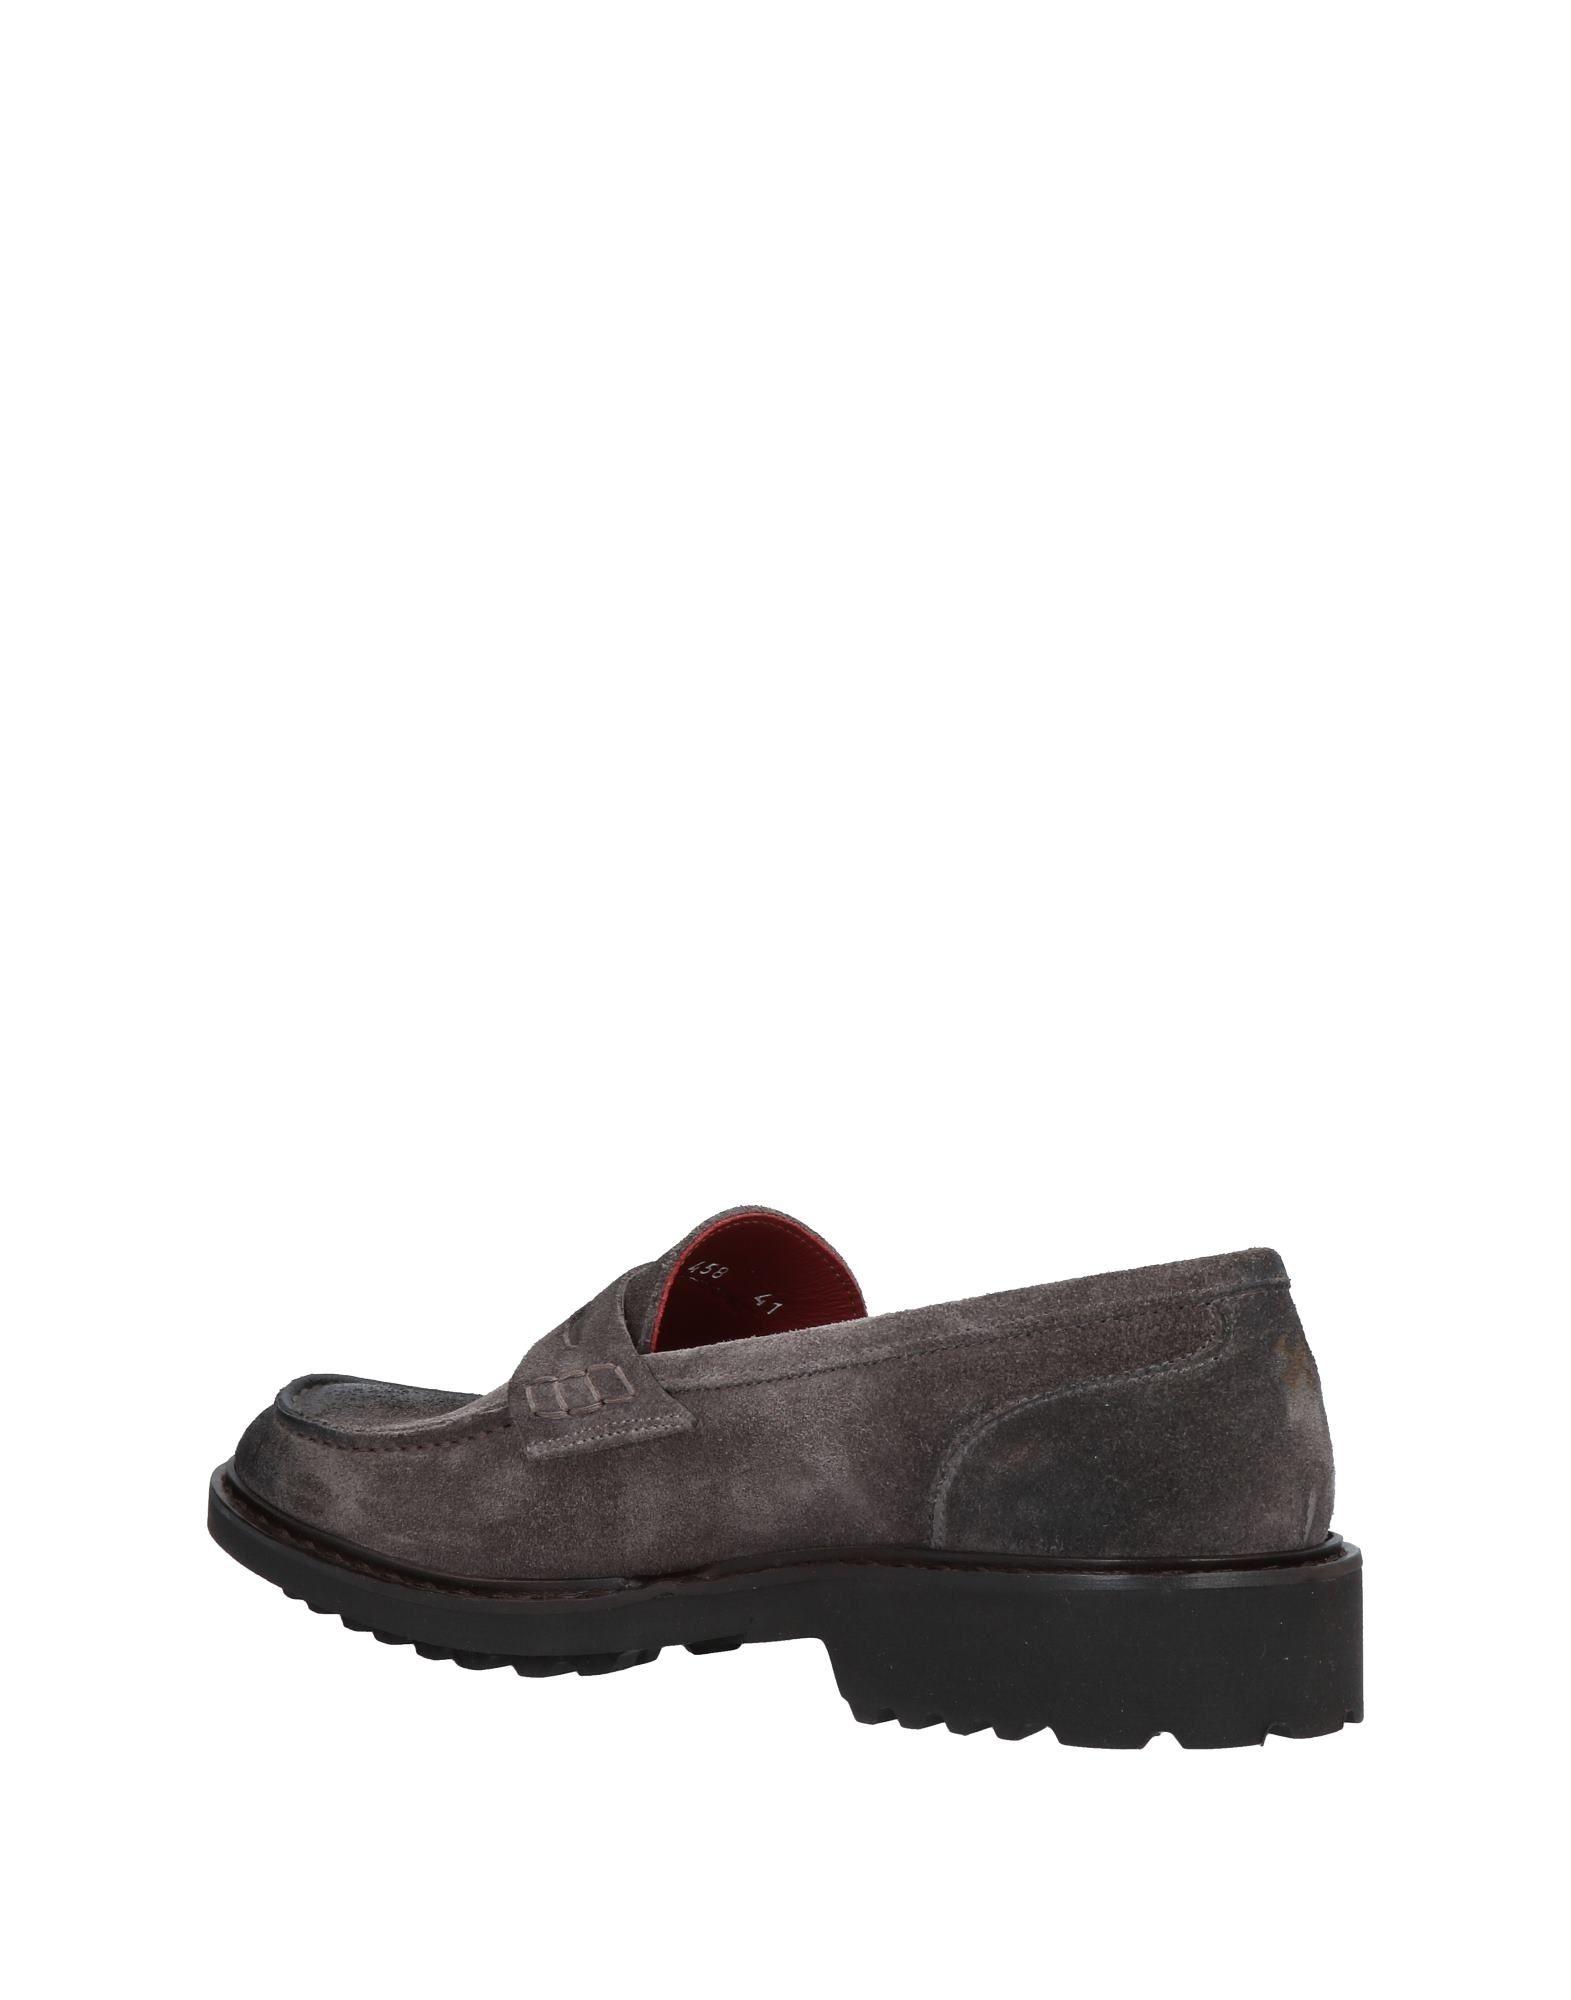 Rabatt echte Schuhe Alexander Trend Herren Mokassins Herren Trend  11475080AG df61b2